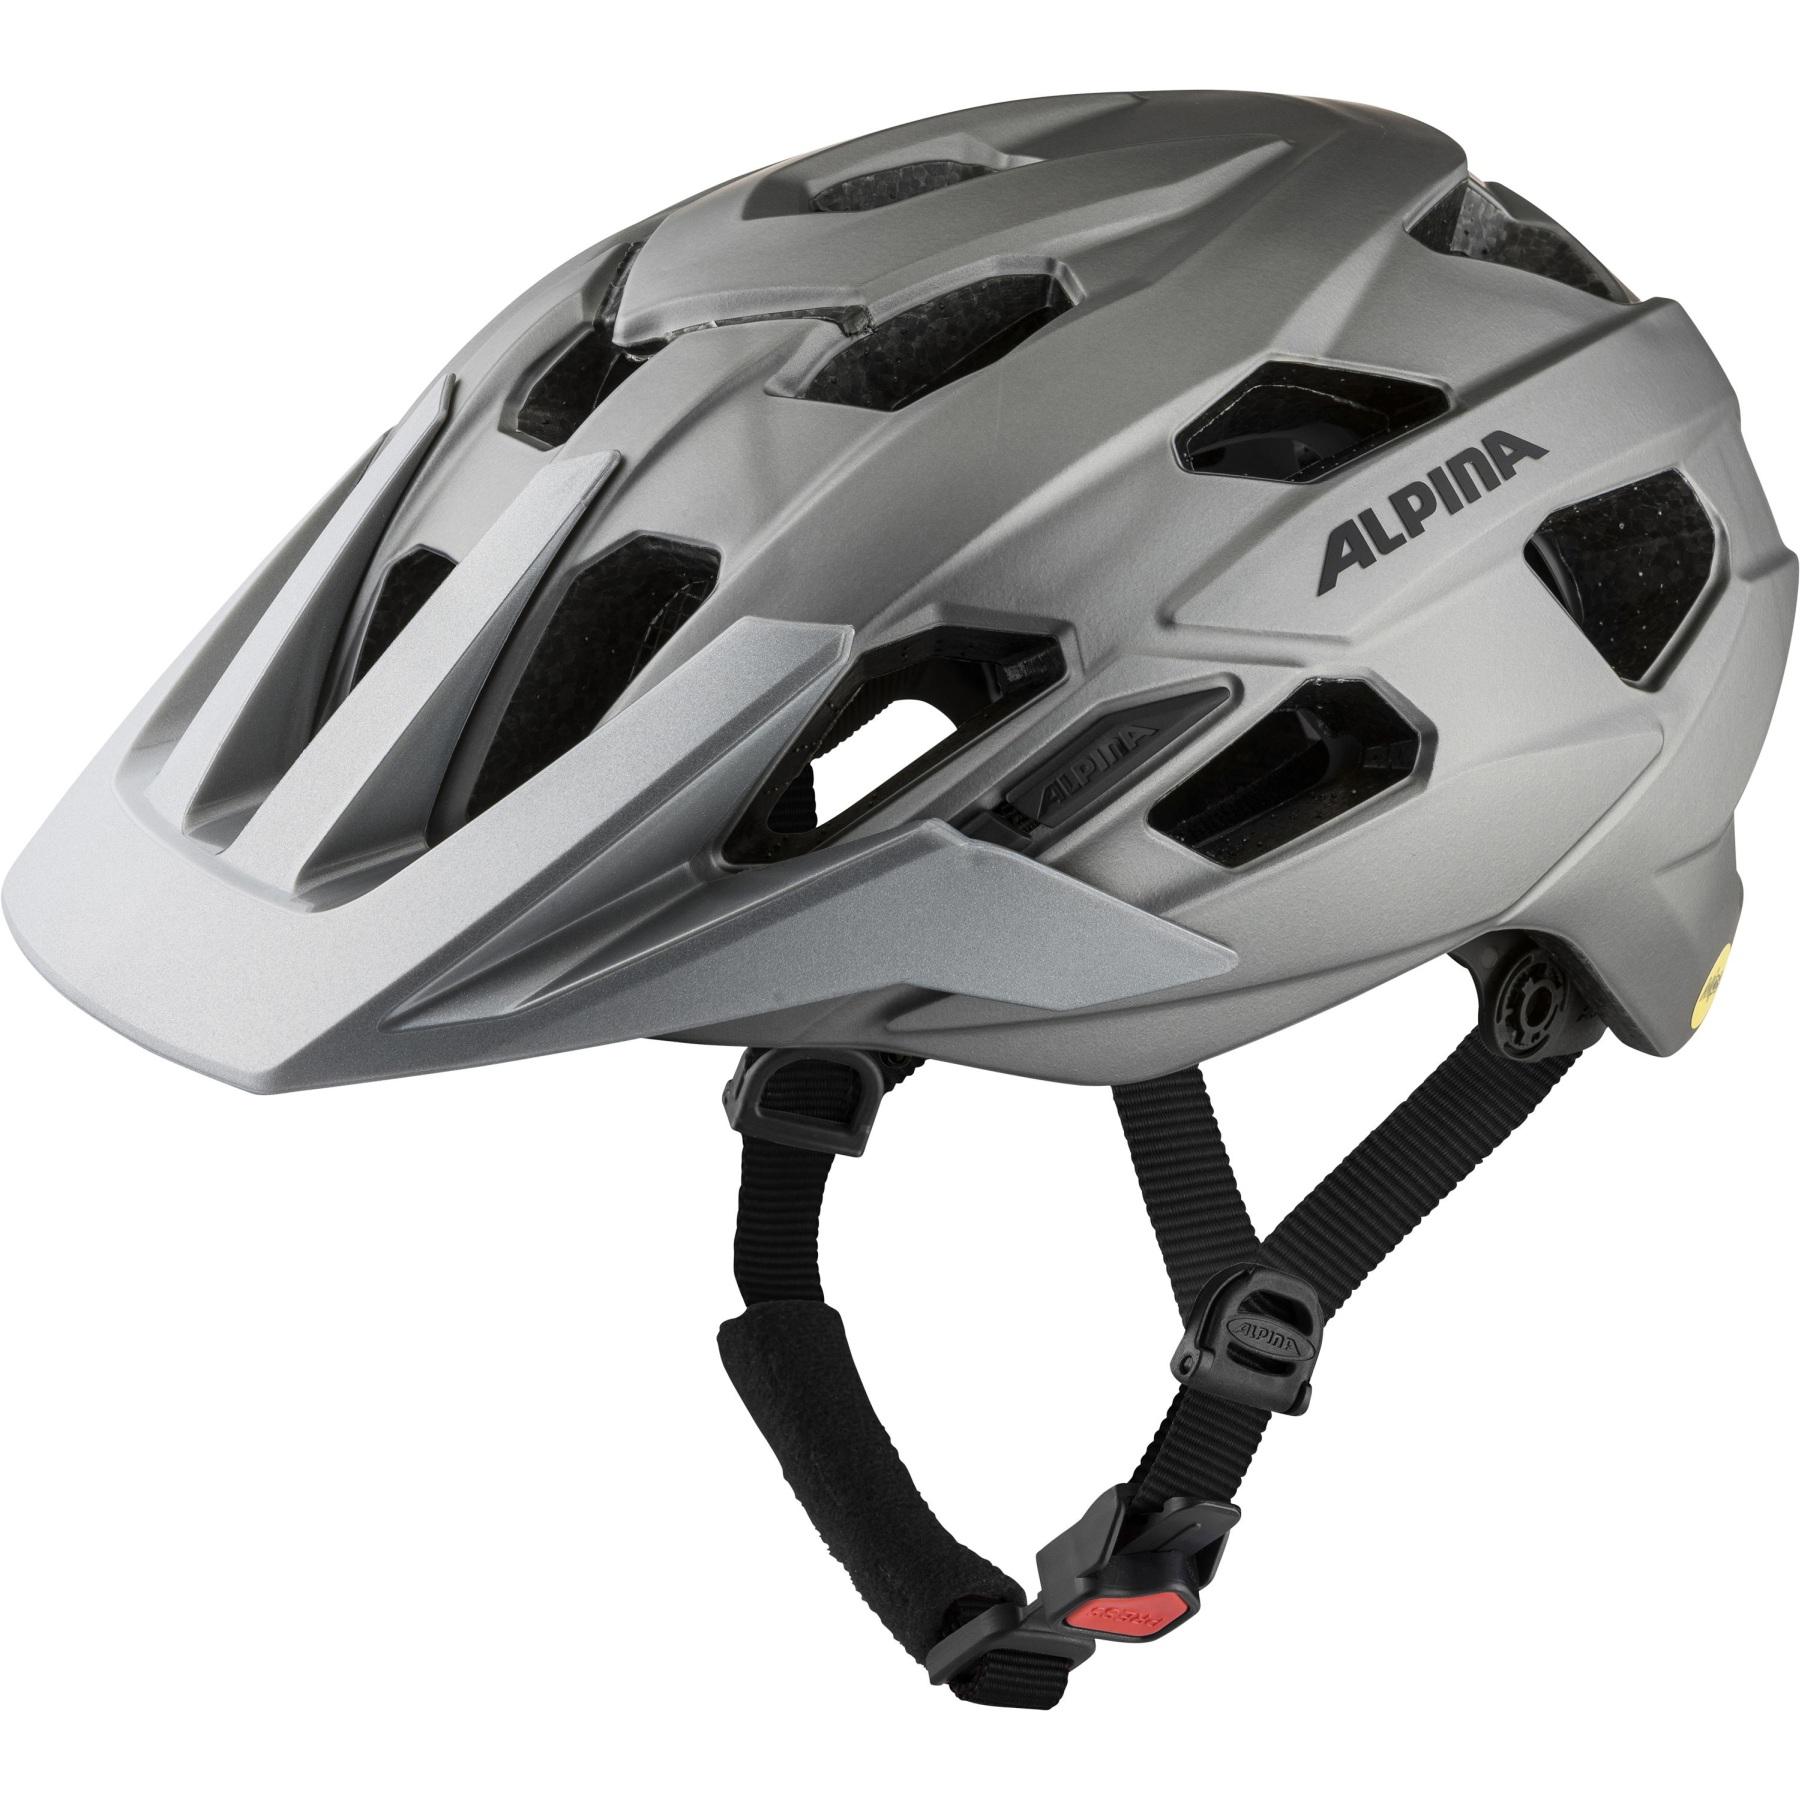 Alpina Plose Mips Helmet - dark-silver matt